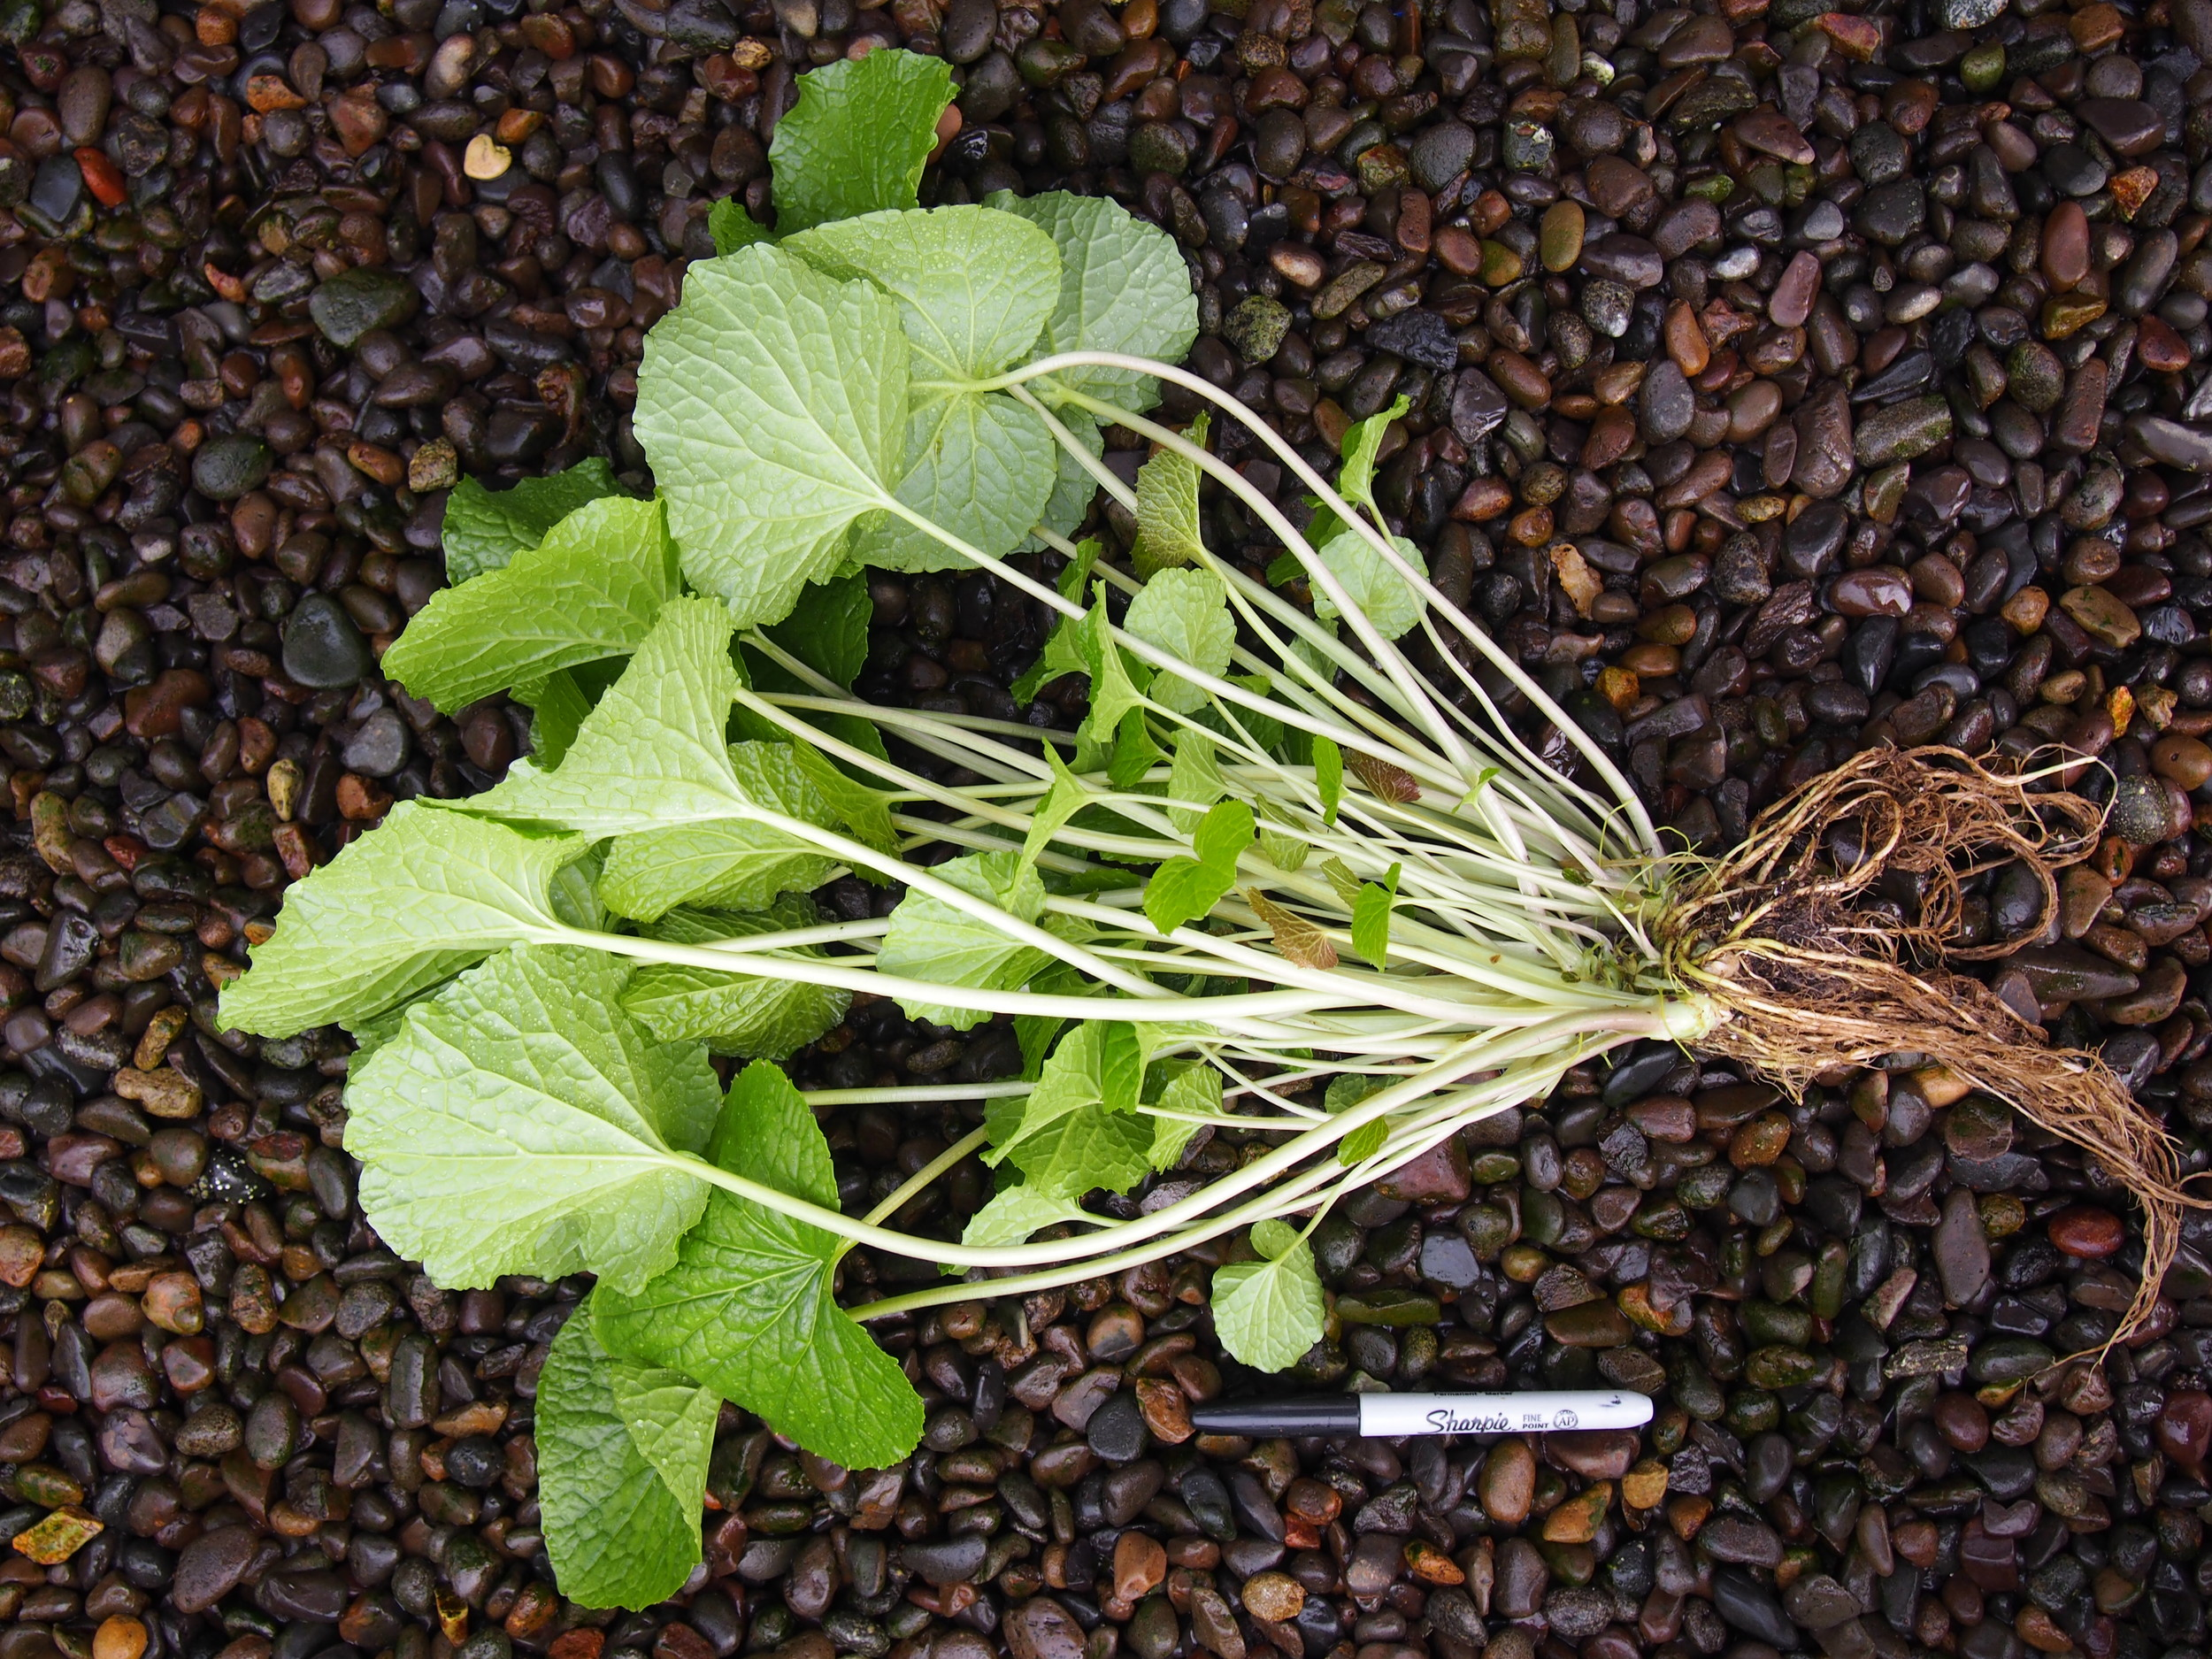 Plantlet shown untrimmed.